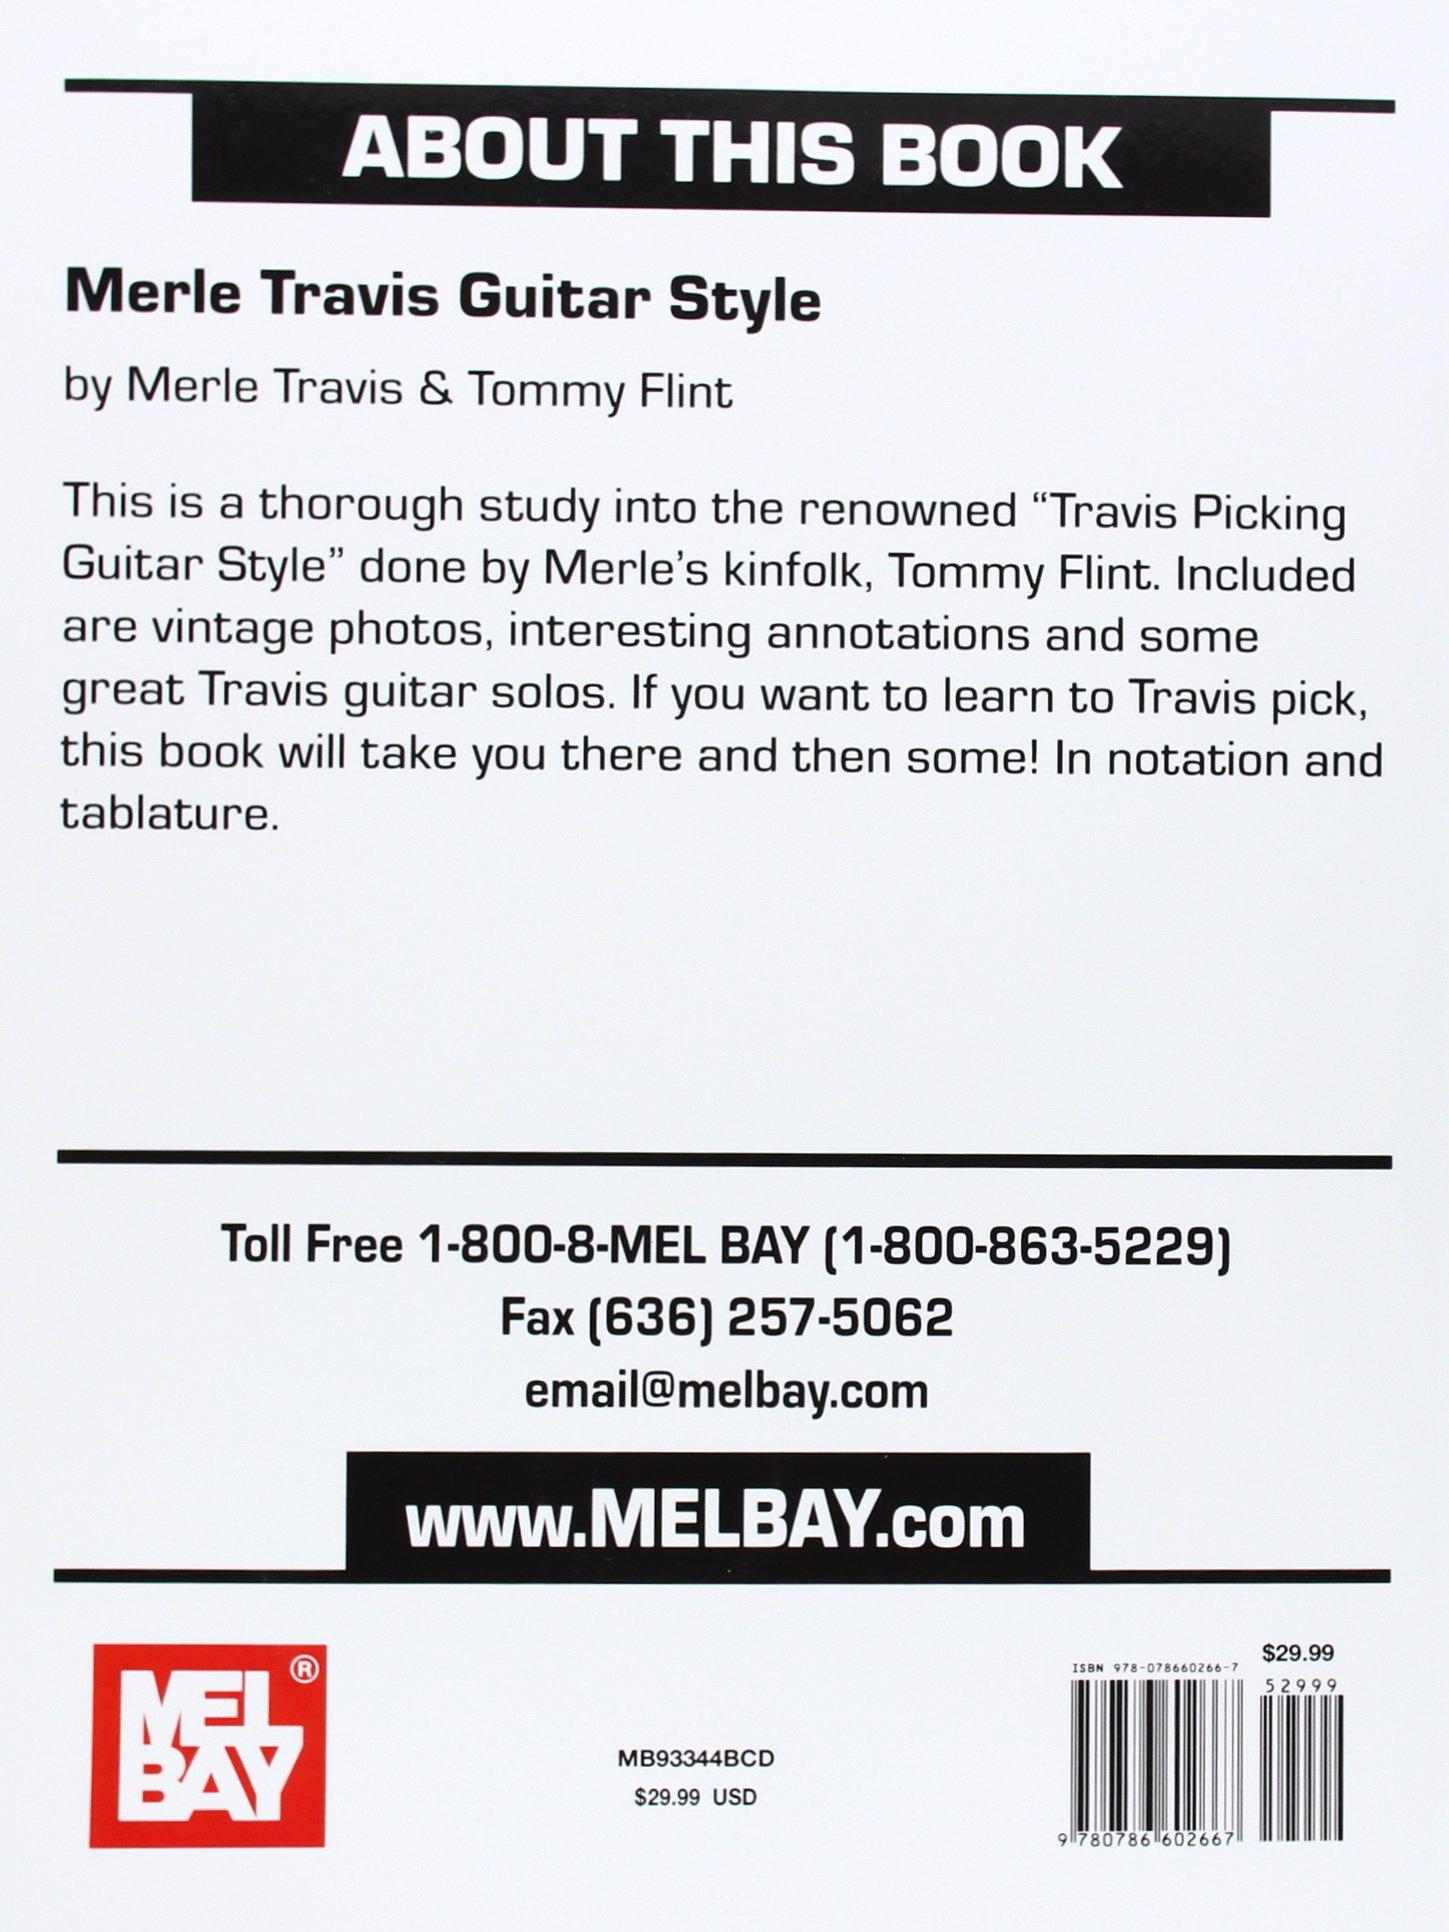 Mel Bay Merle Travis Guitar Style Merle Travis Tommy Flint